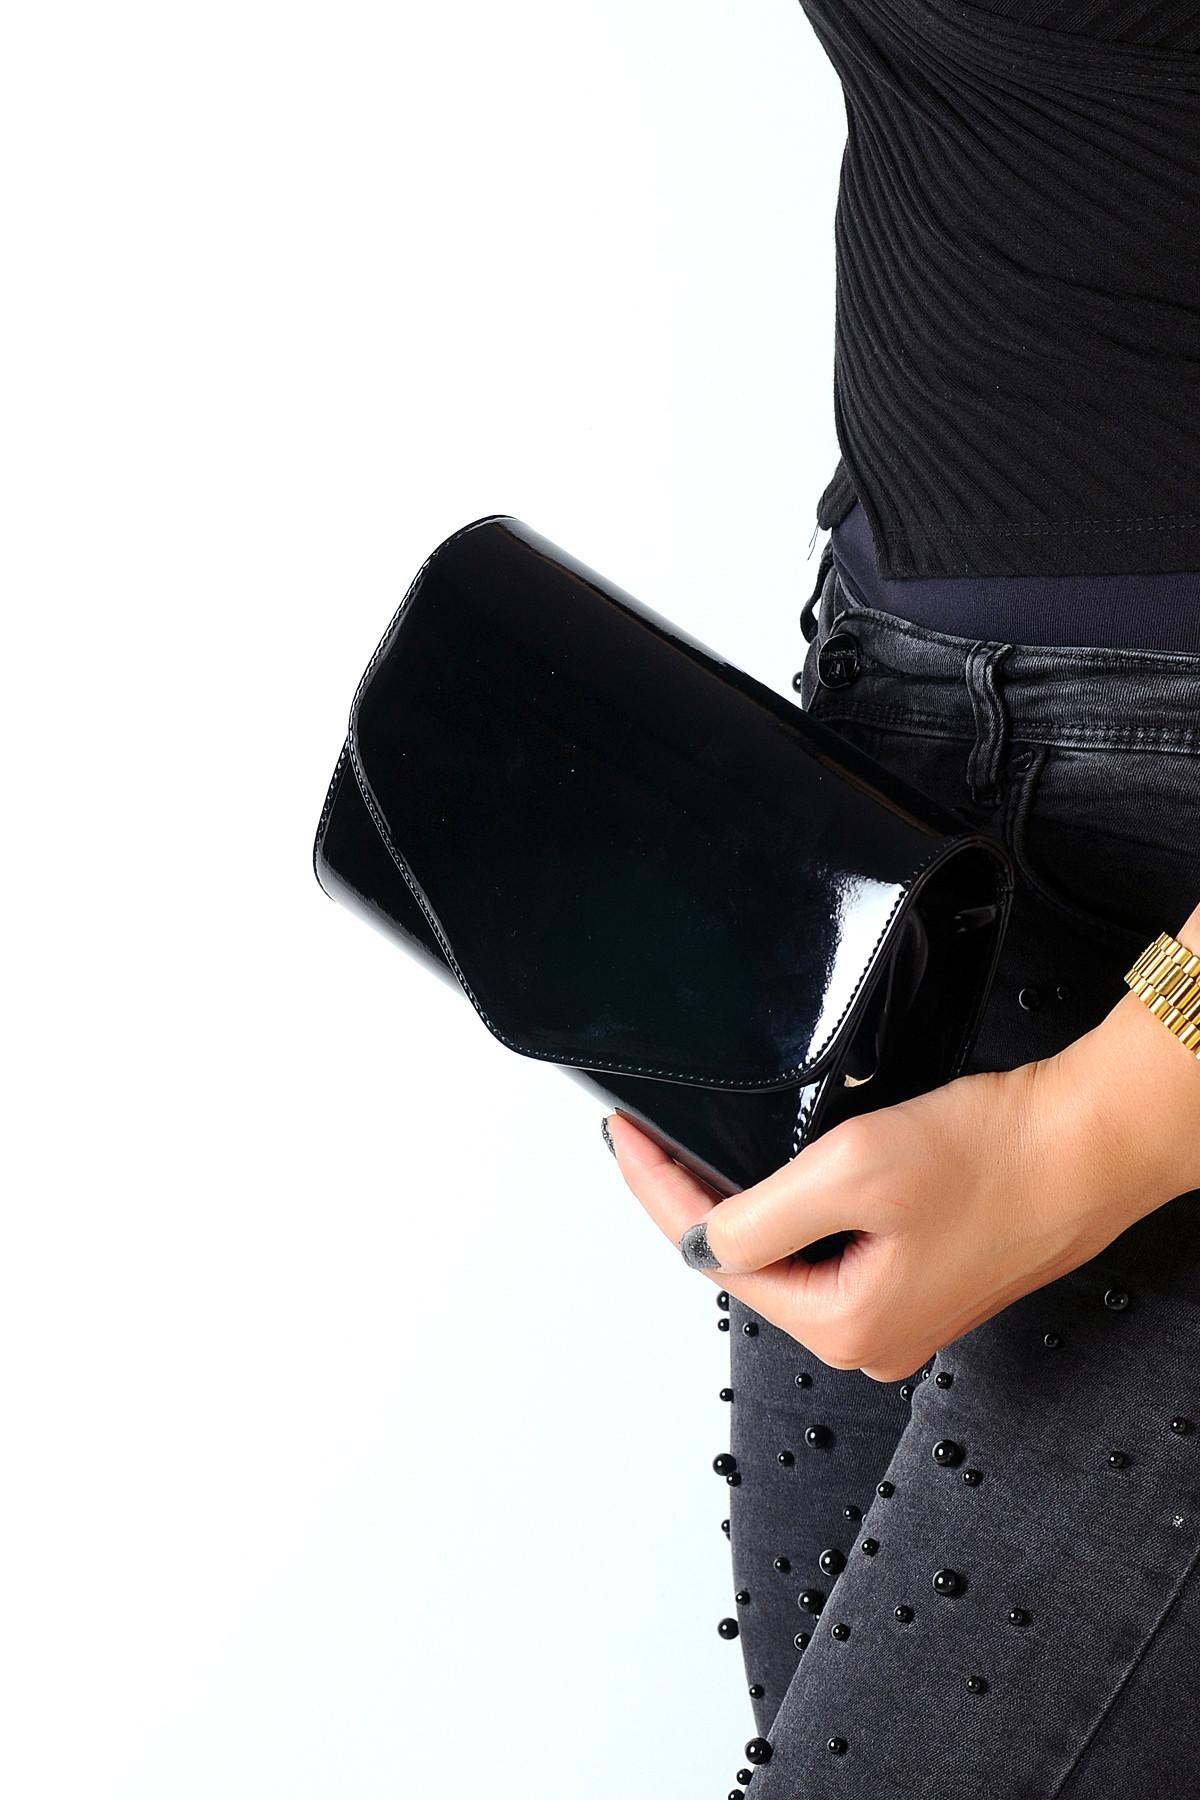 WMİLANO Siyah Kadın Portföy Çanta C0113-18 1